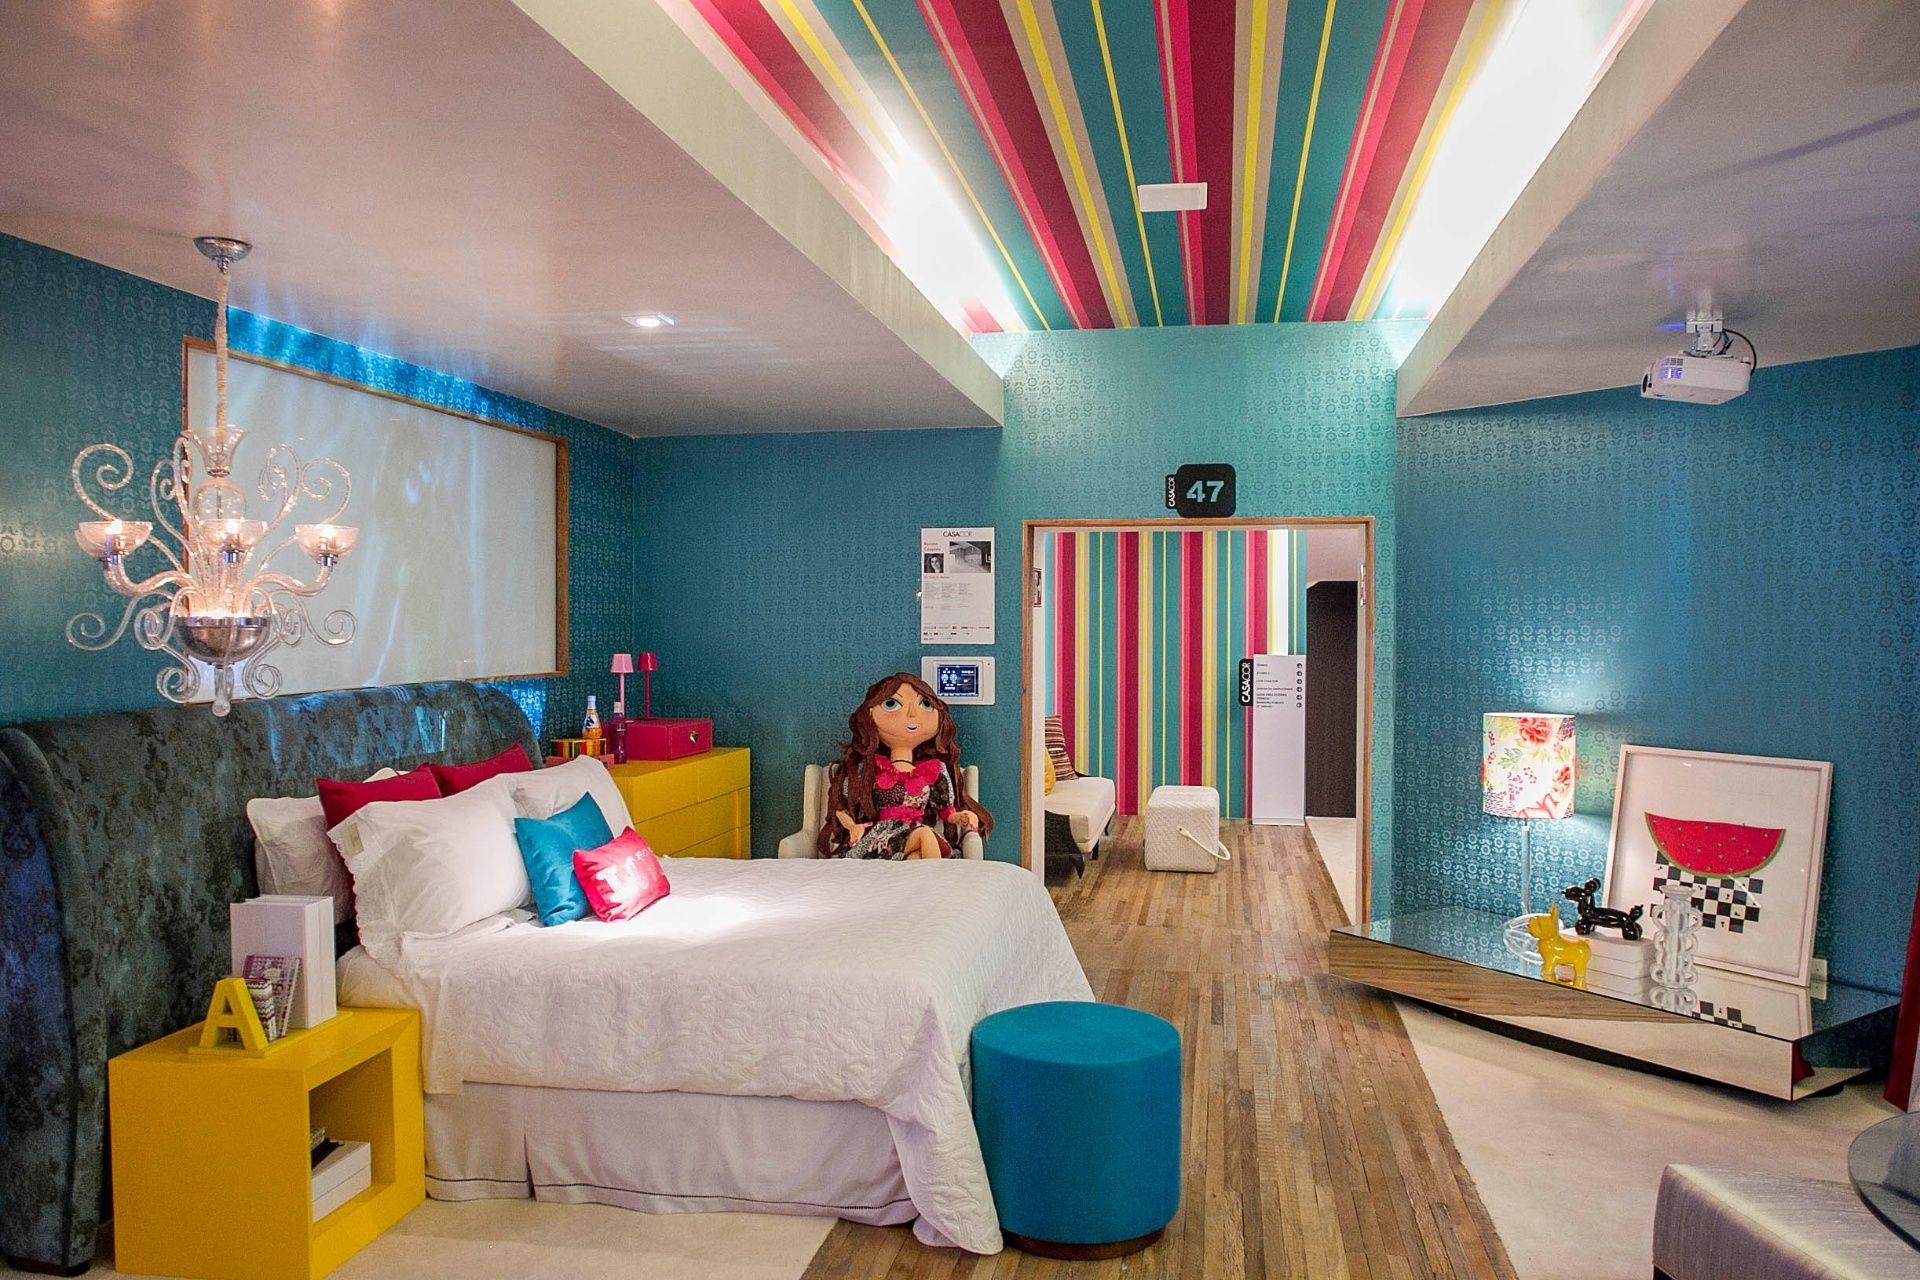 projetada-pela-arquiteta-renata-coppola-wwwrenatacoppolacombr-para-uma-adolescente-ligada-em-moda-a-suite-da-menina-exibe-uma-variedade-de-cores-estampas-e-texturas-1372787724712_1920x1280.jpg (1920×1280)